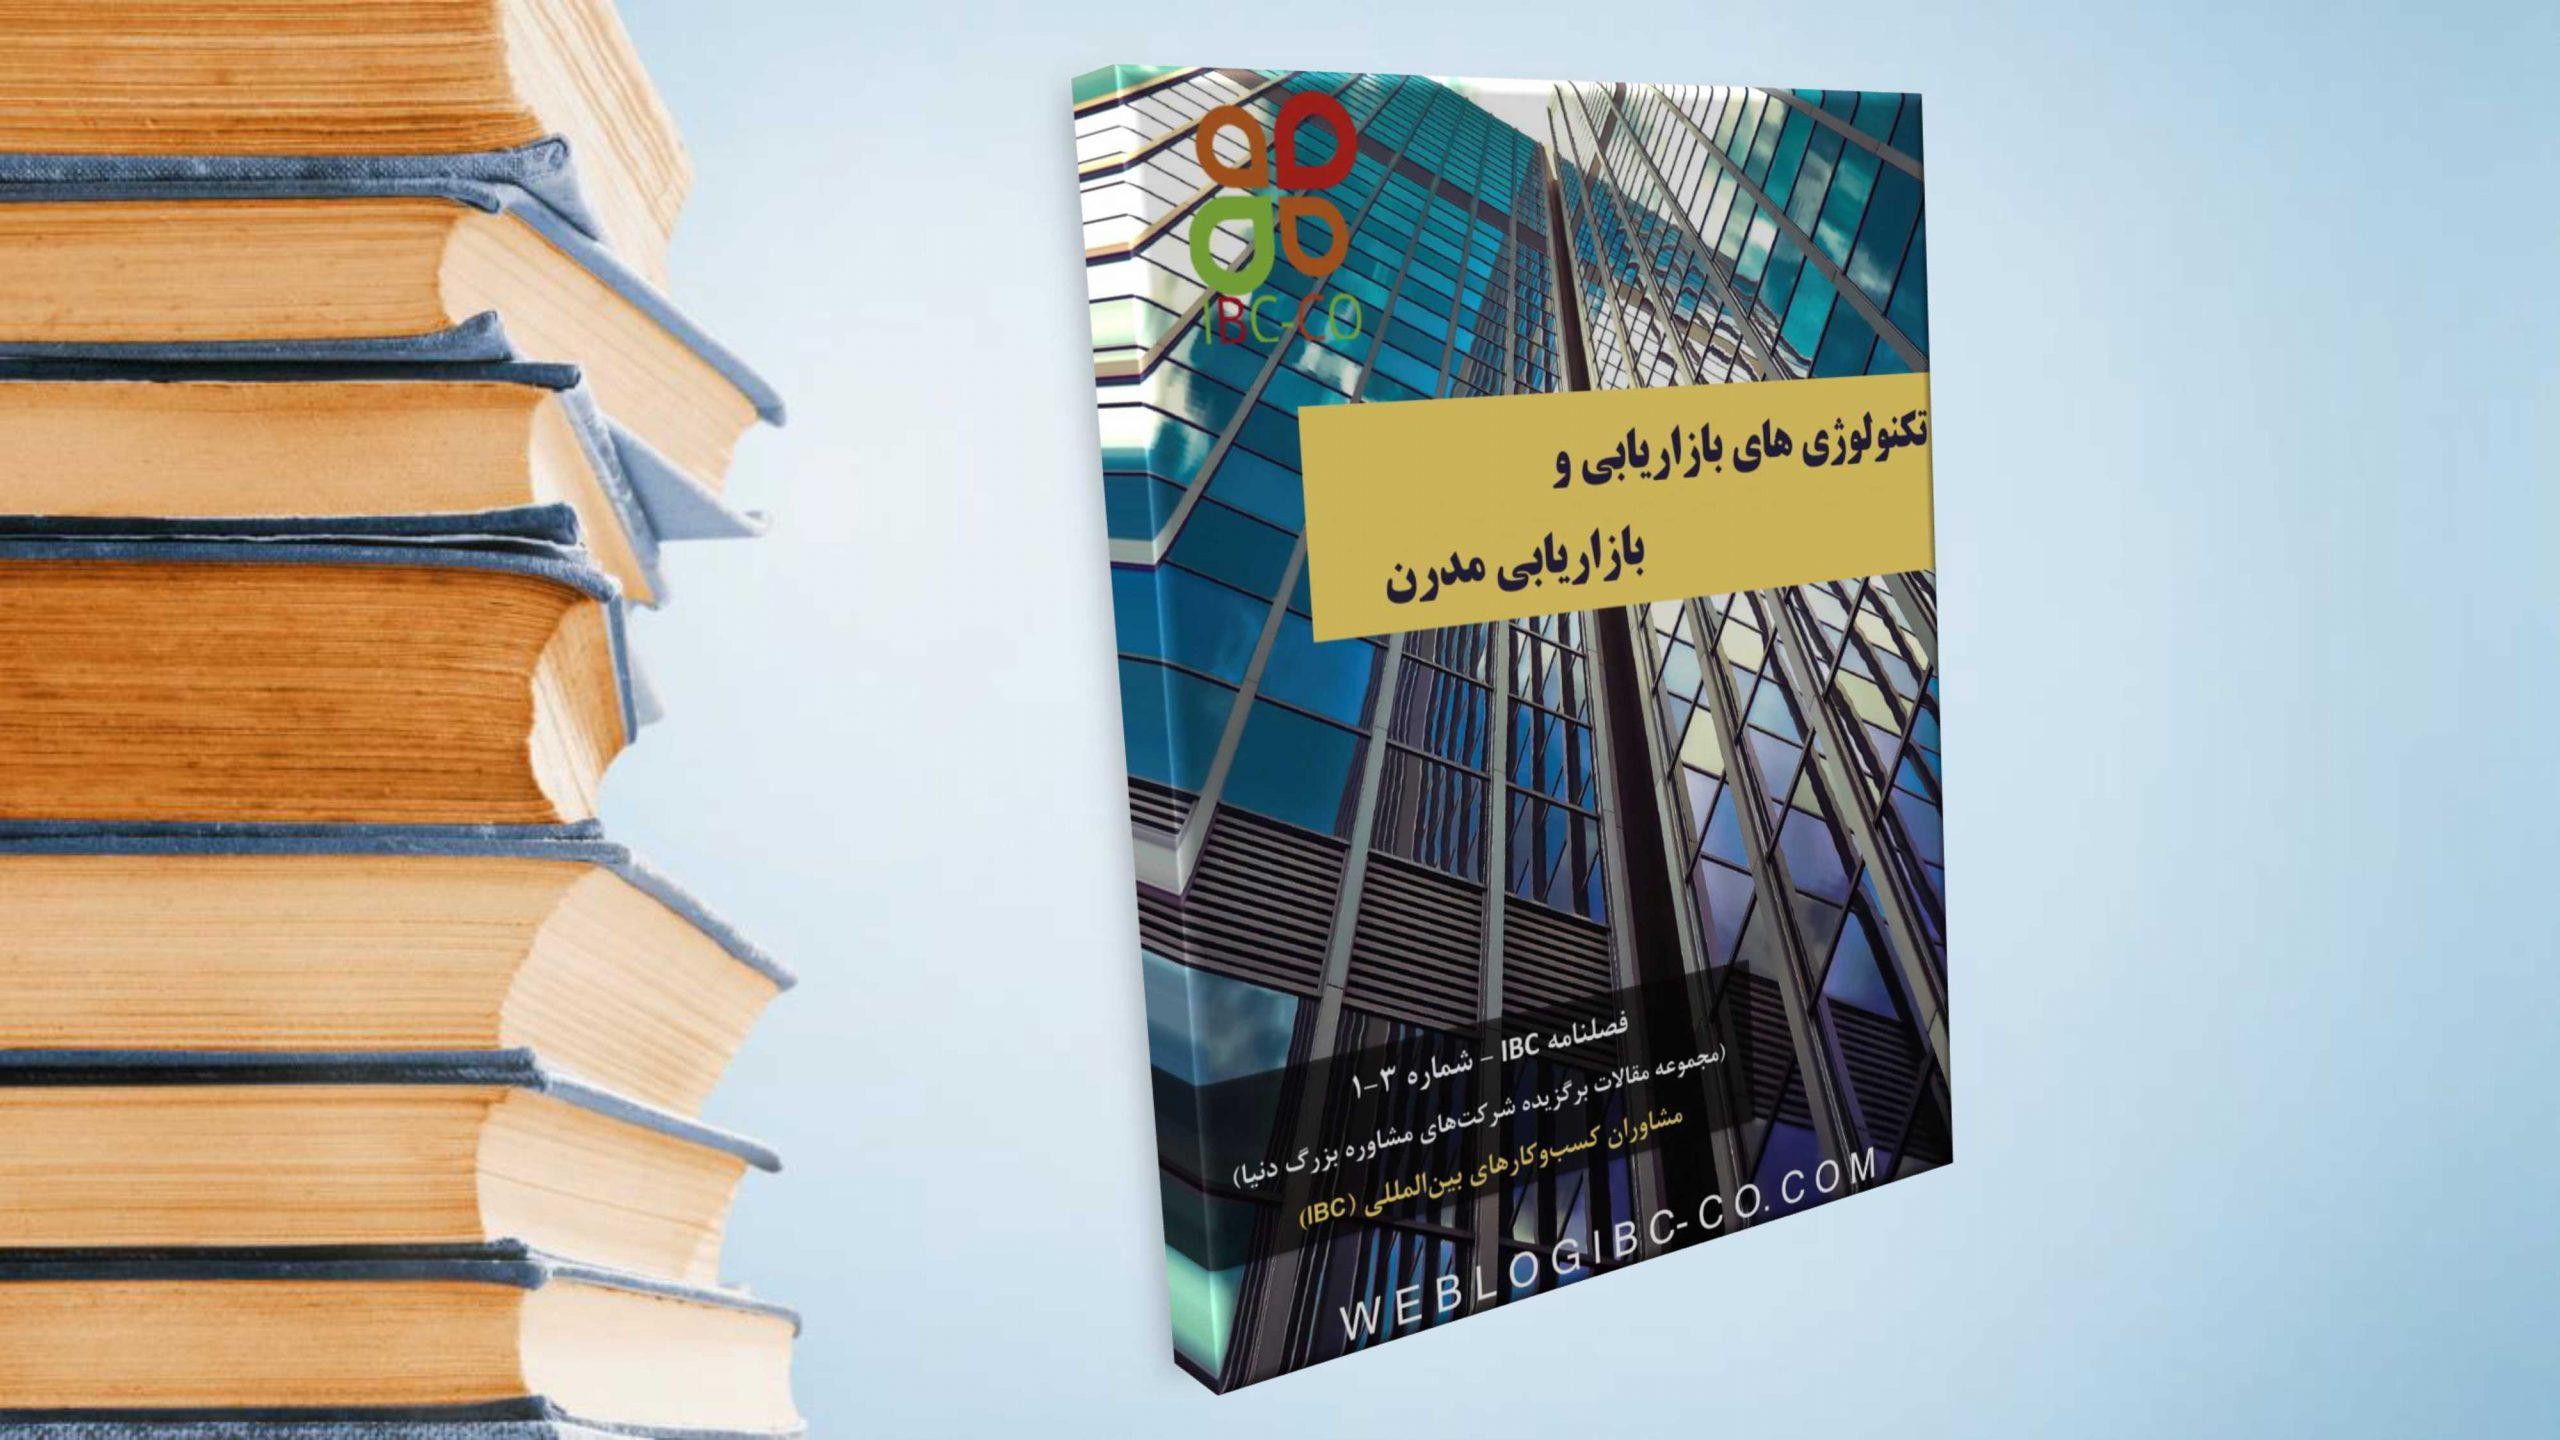 تکنولوژی های بازاریابی و بازاریابی مدرن – فصلنامه IBC بهار ۱۴۰۰